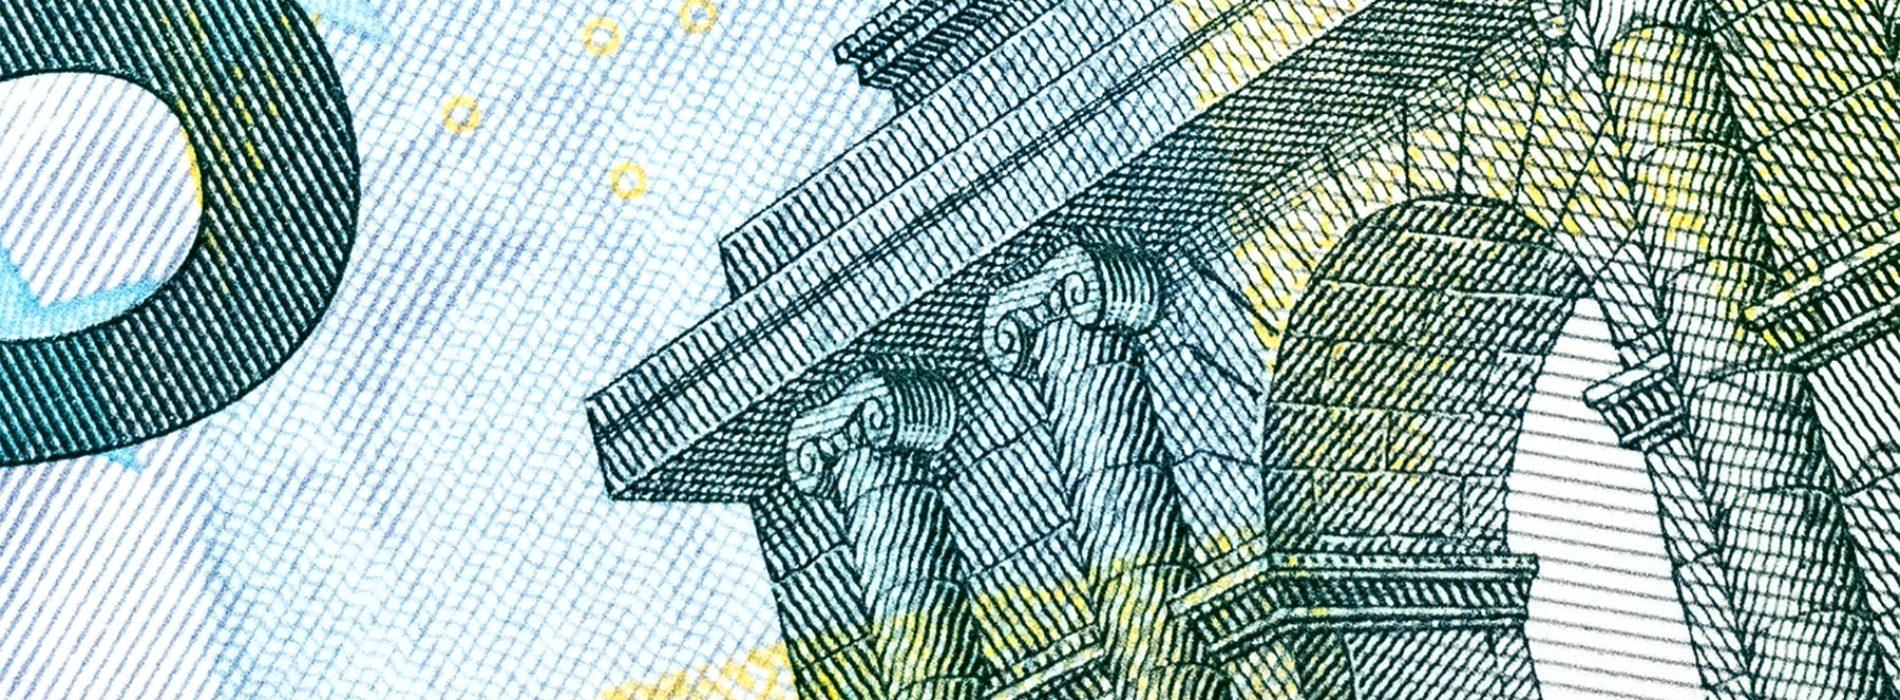 Jak wyjść z pętli długów? Pięć prostych porad, dzięki którym odzyskasz i utrzymasz płynność finansową